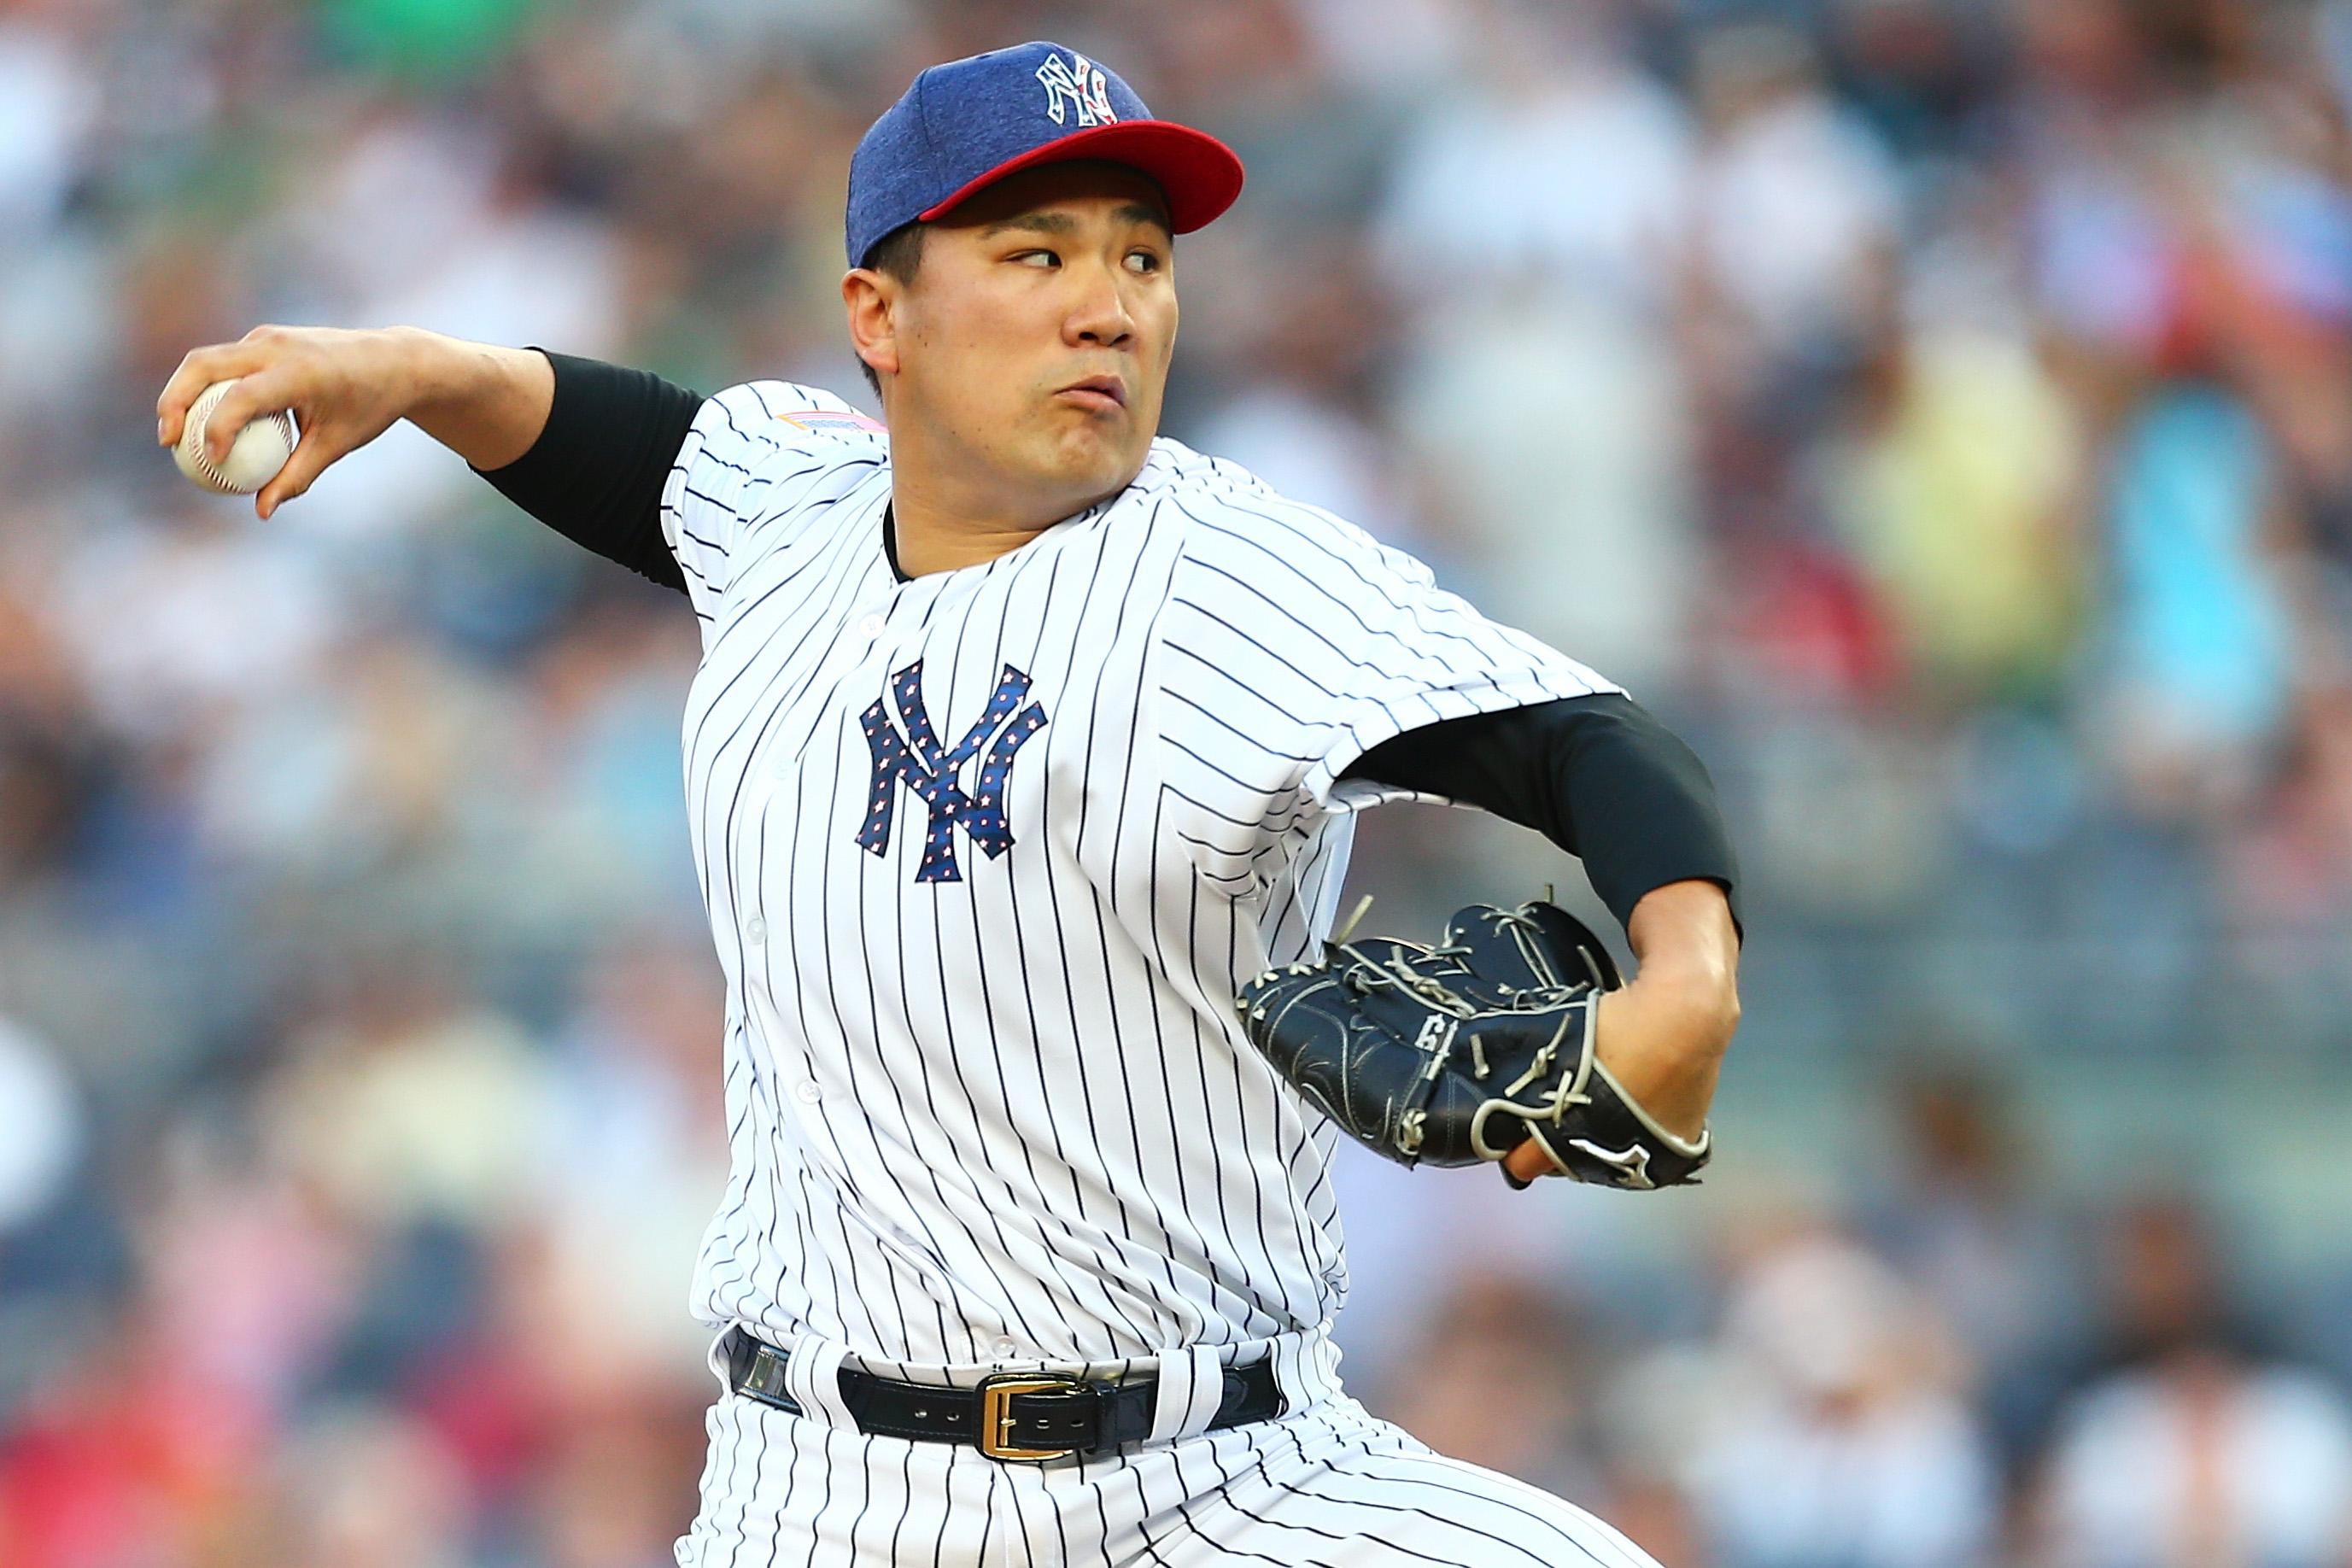 Yankees: Masahiro Tanaka's resurgence a bright spot amid slump